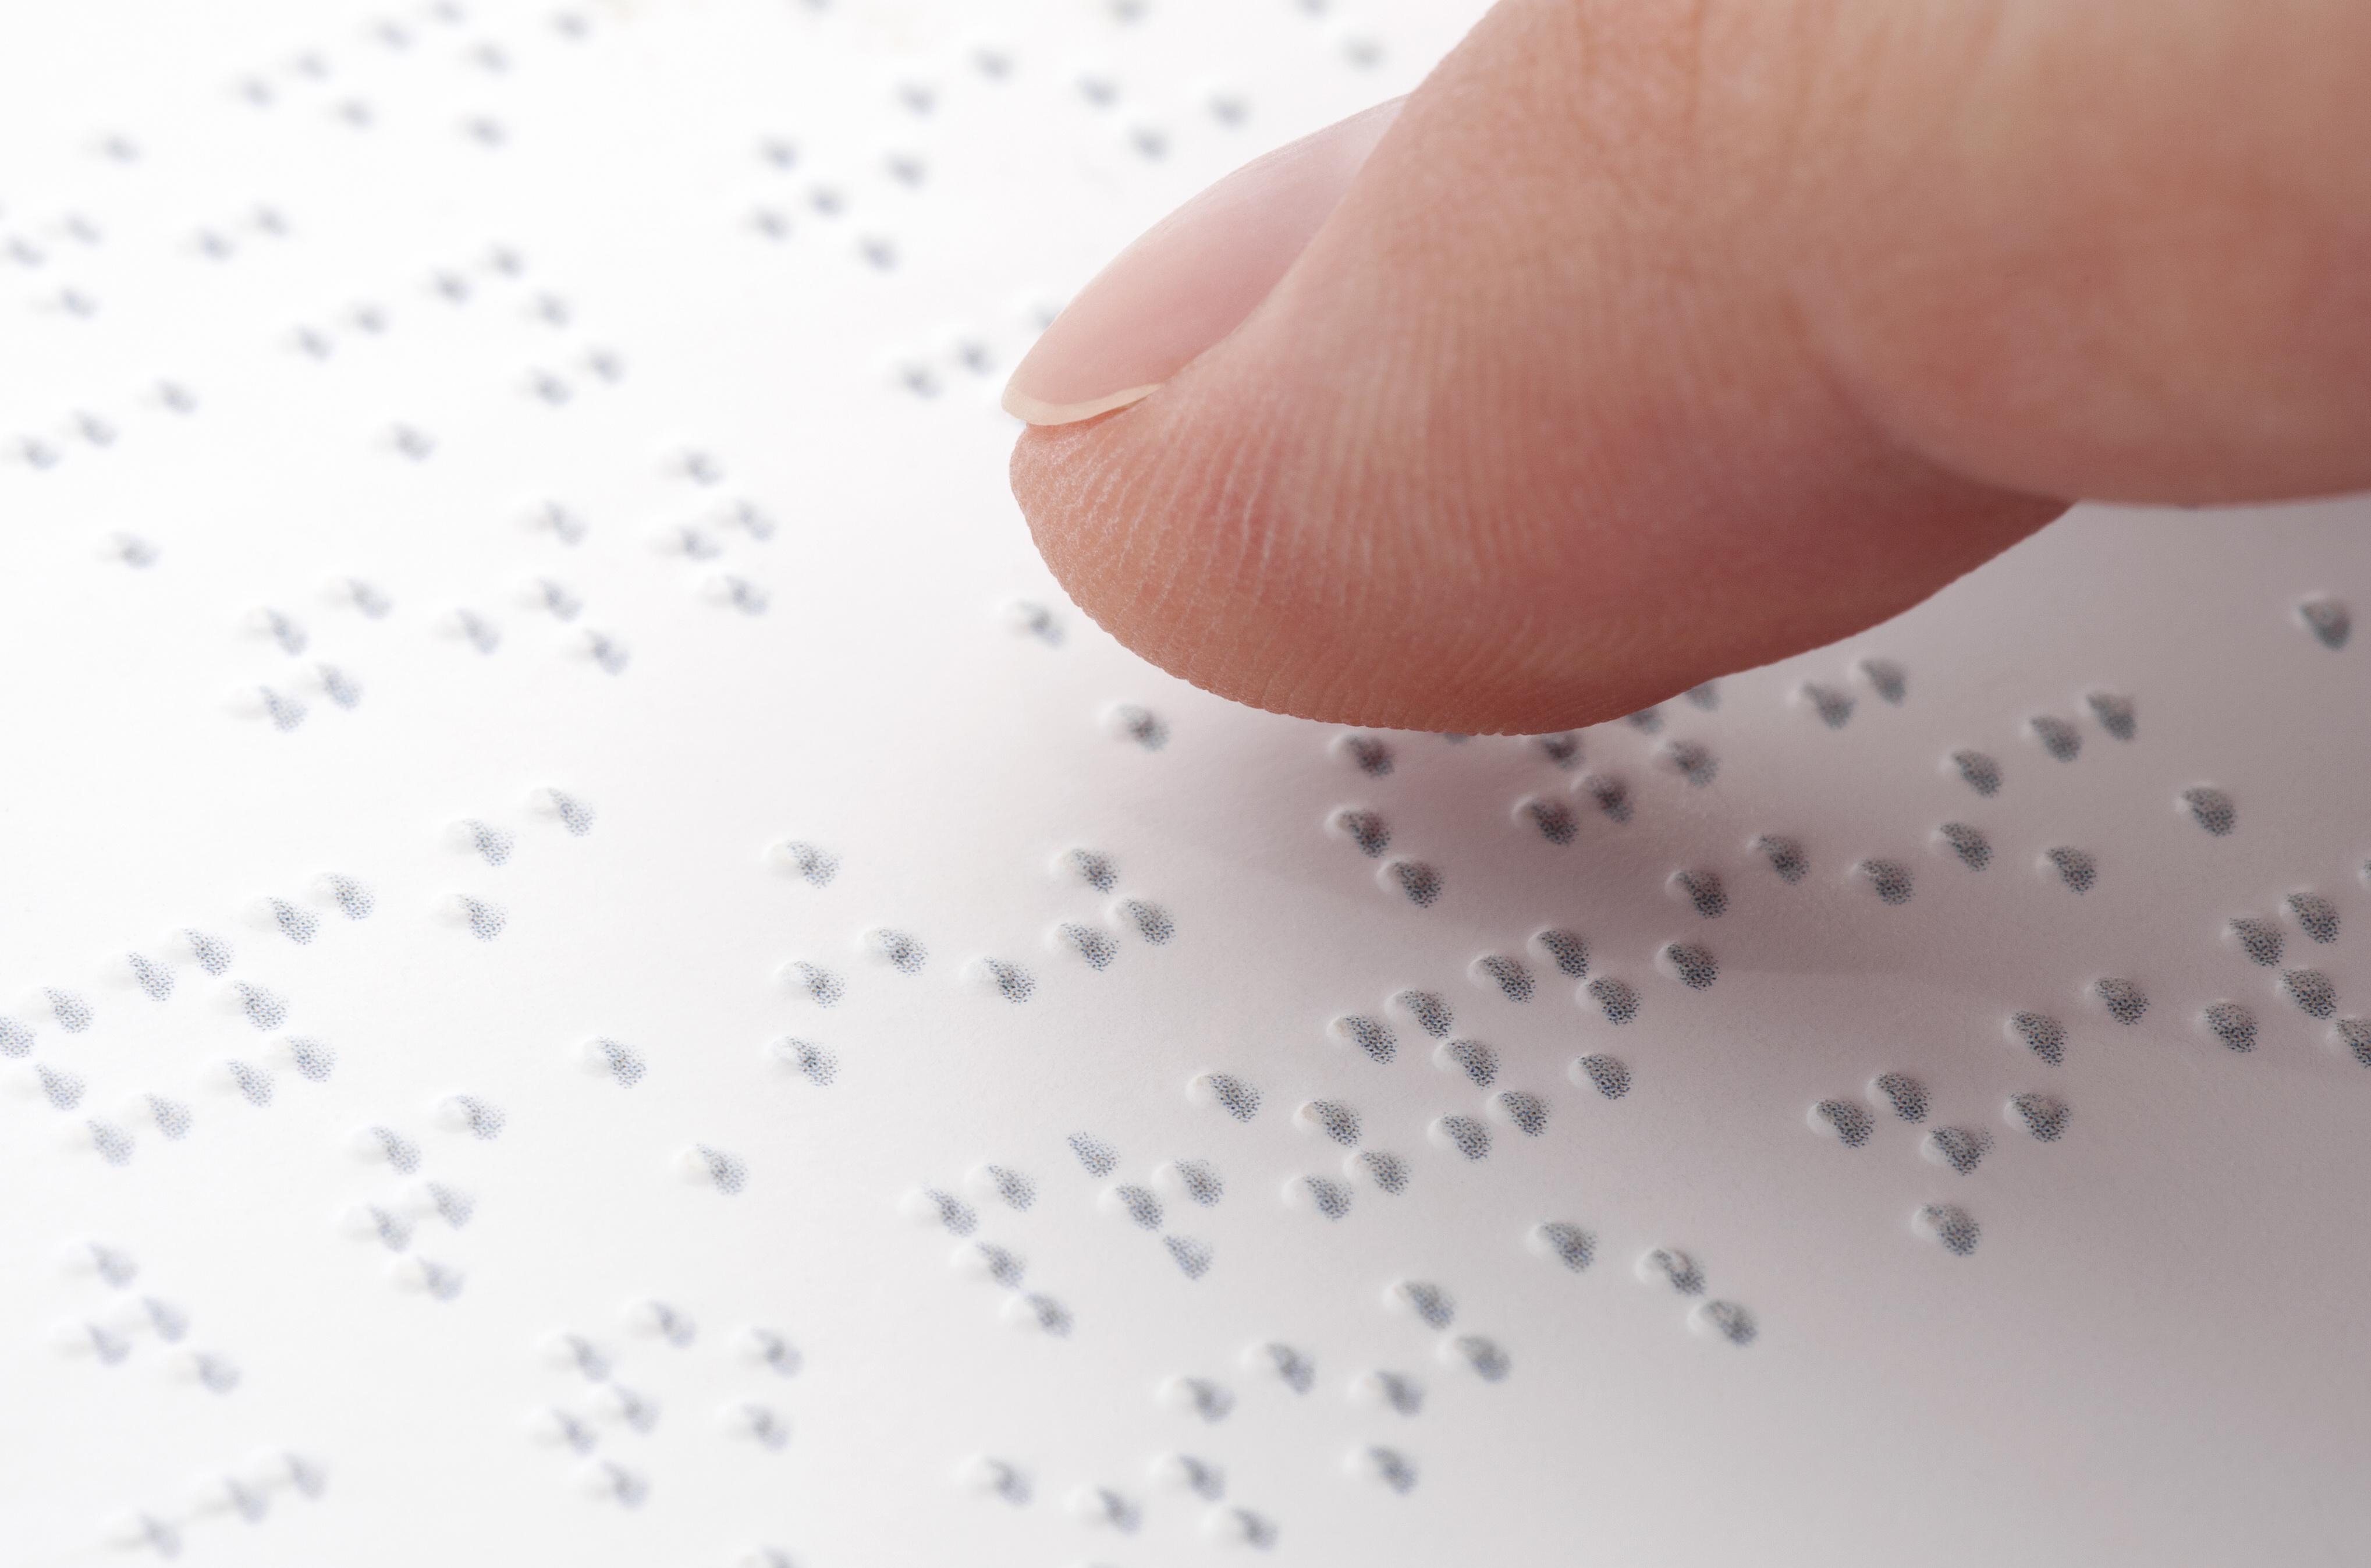 Direitos Humanos - deficiente - sinalização acessibilidade deficientes visuais cegos braile